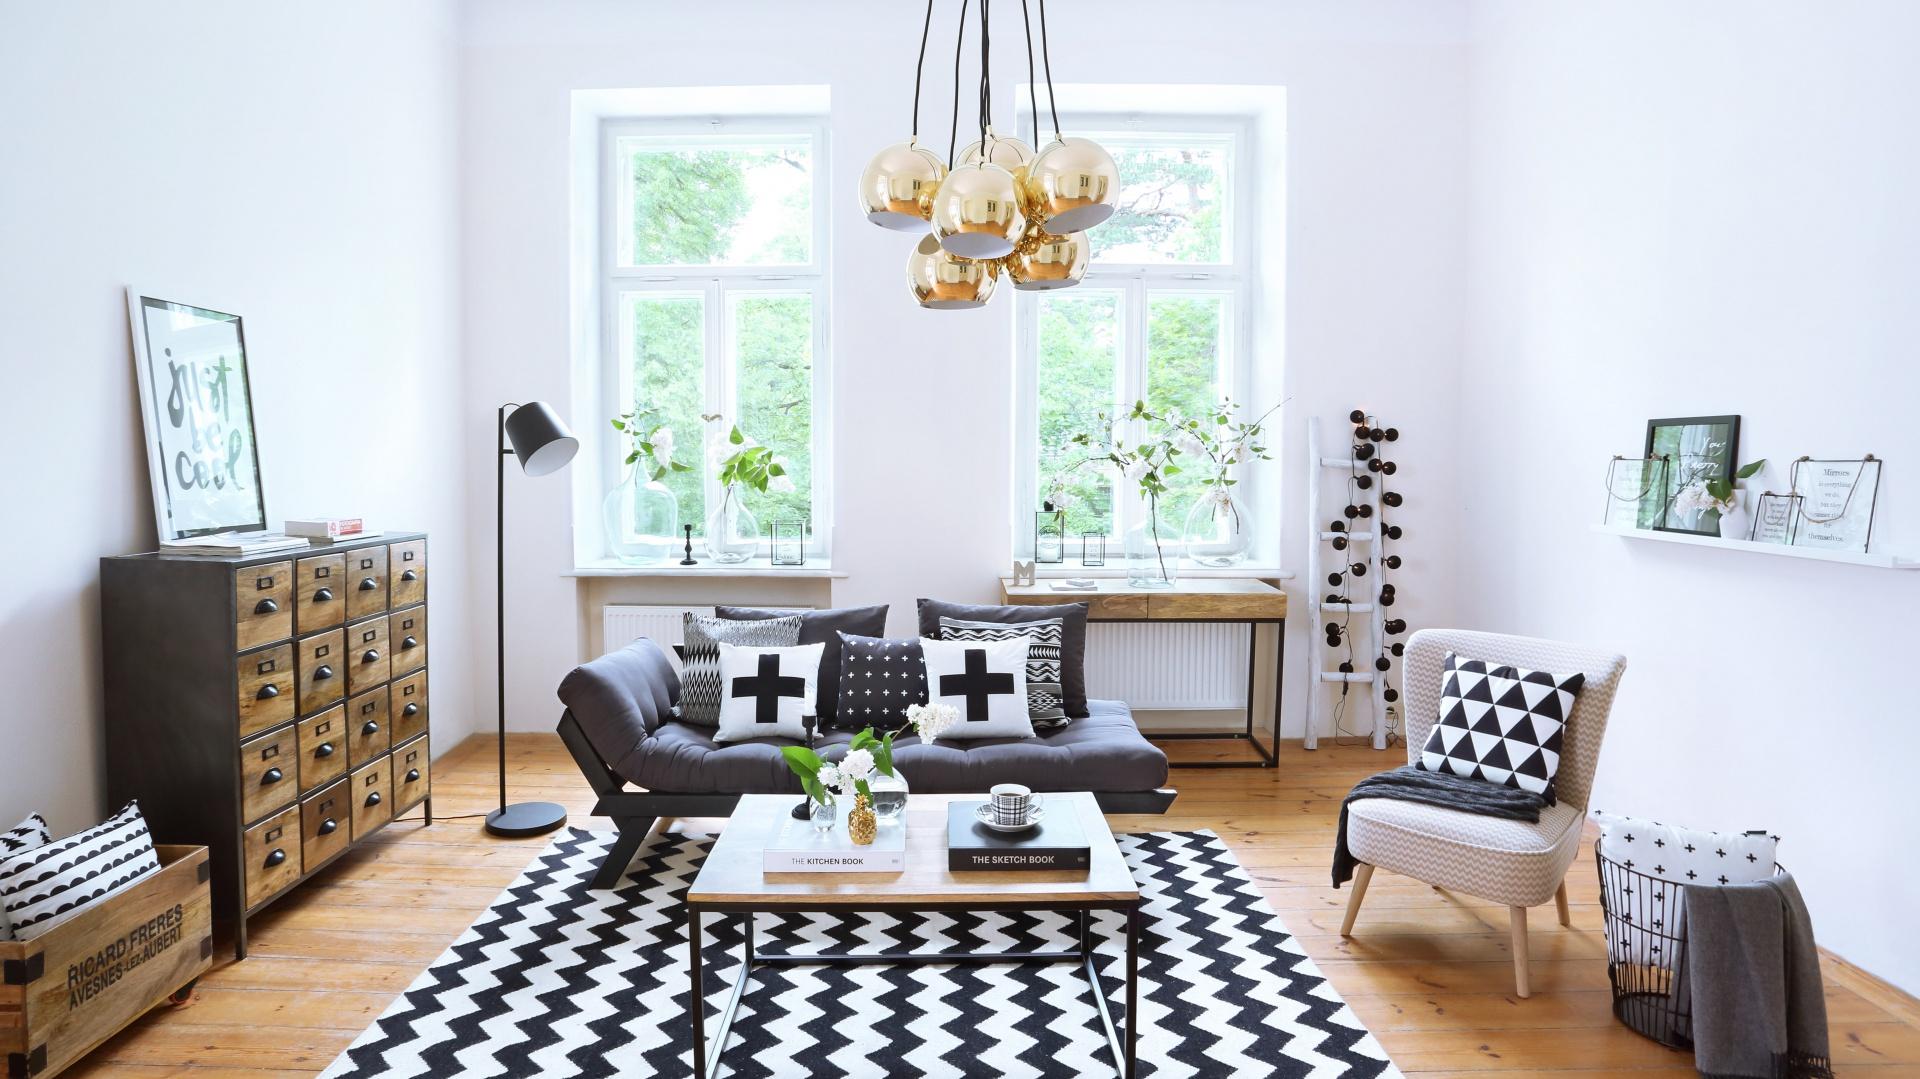 Poszewka na poduszkę HOLIC oraz dywan ZIG ZAG III z graficznym wzorem uzupełnią modną aranżację salonu utrzymaną w czarno-białej stylistyce. 169 zł i 719 zł. Fot. Westwing